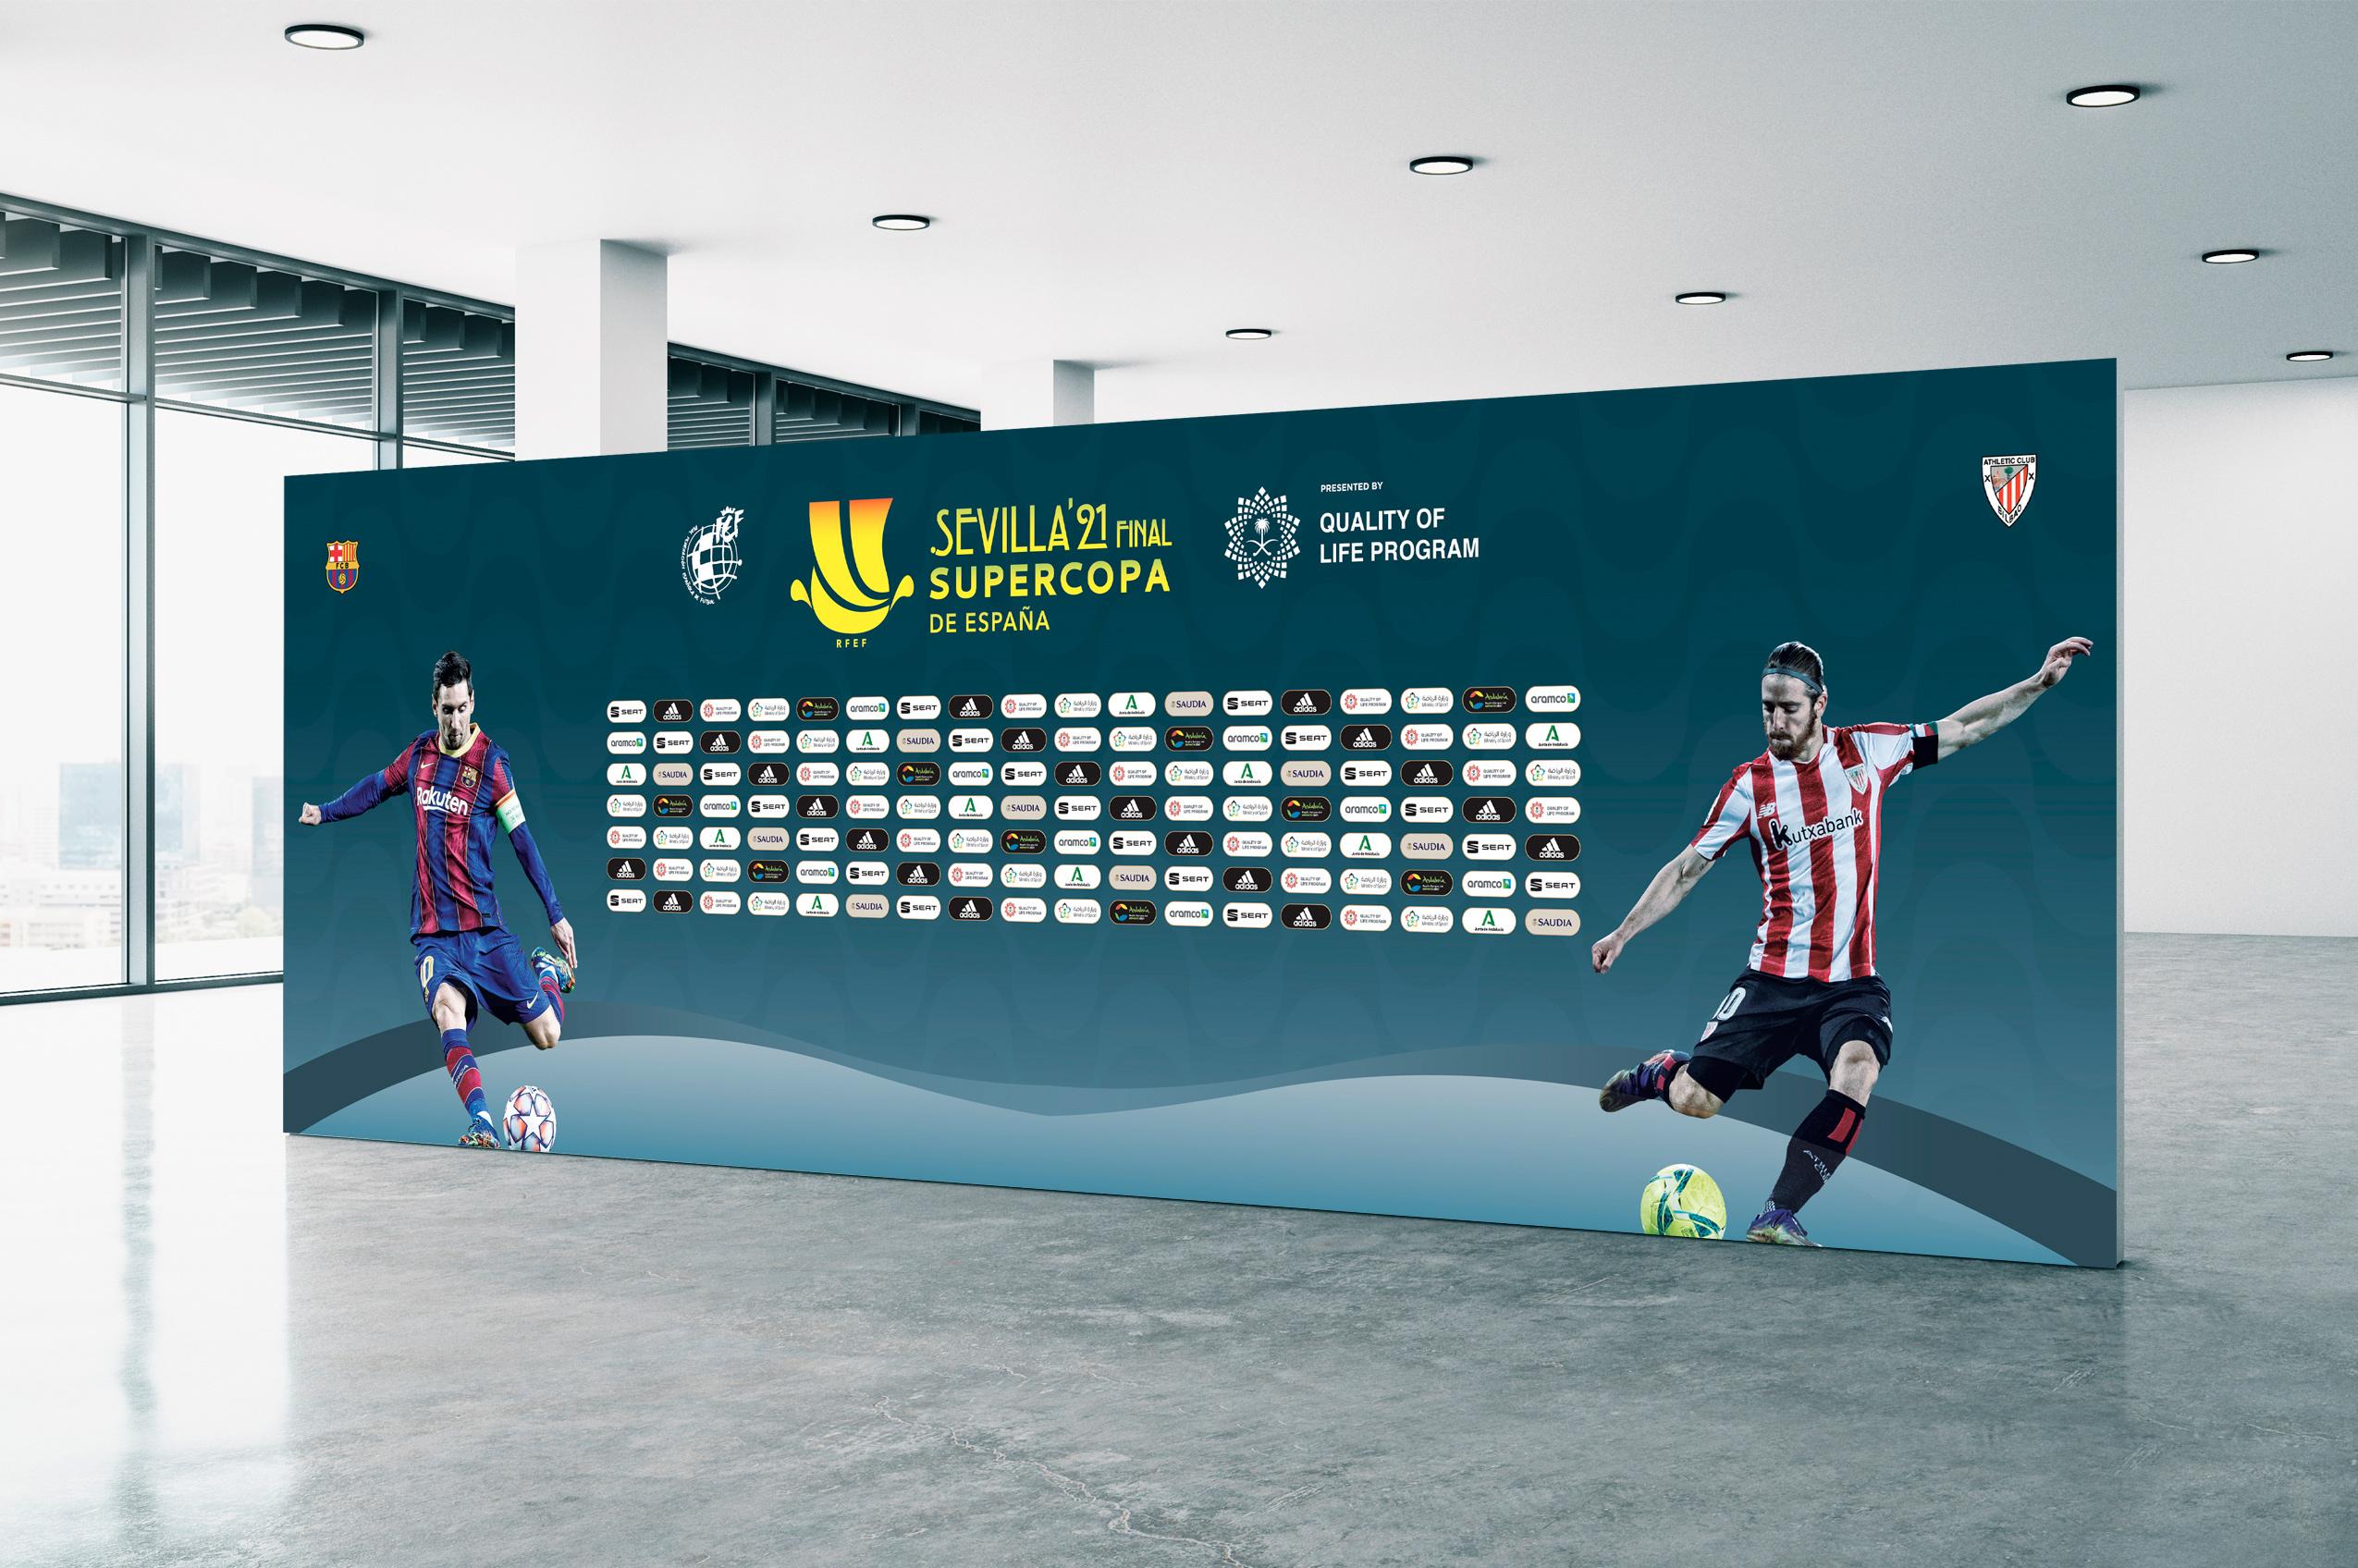 Supercopa de España 202 masculina